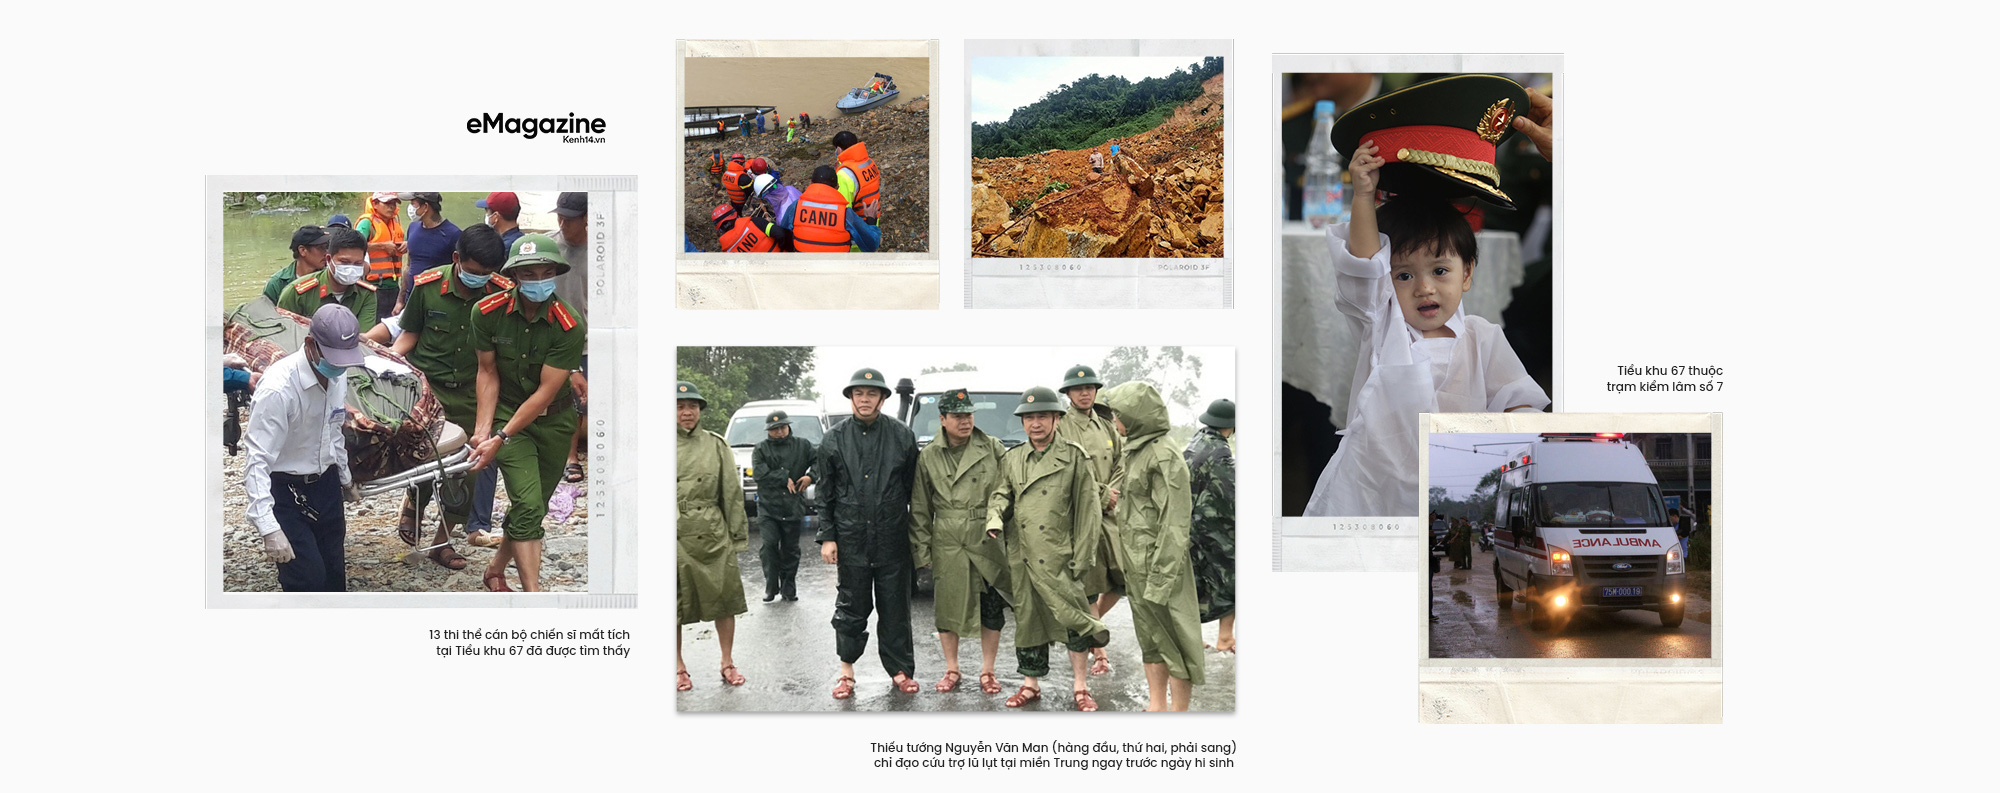 Giông bão nào cũng sẽ vượt qua, vì người Việt ta luôn sống với nhau bằng cái nghĩa đồng bào! - Ảnh 8.